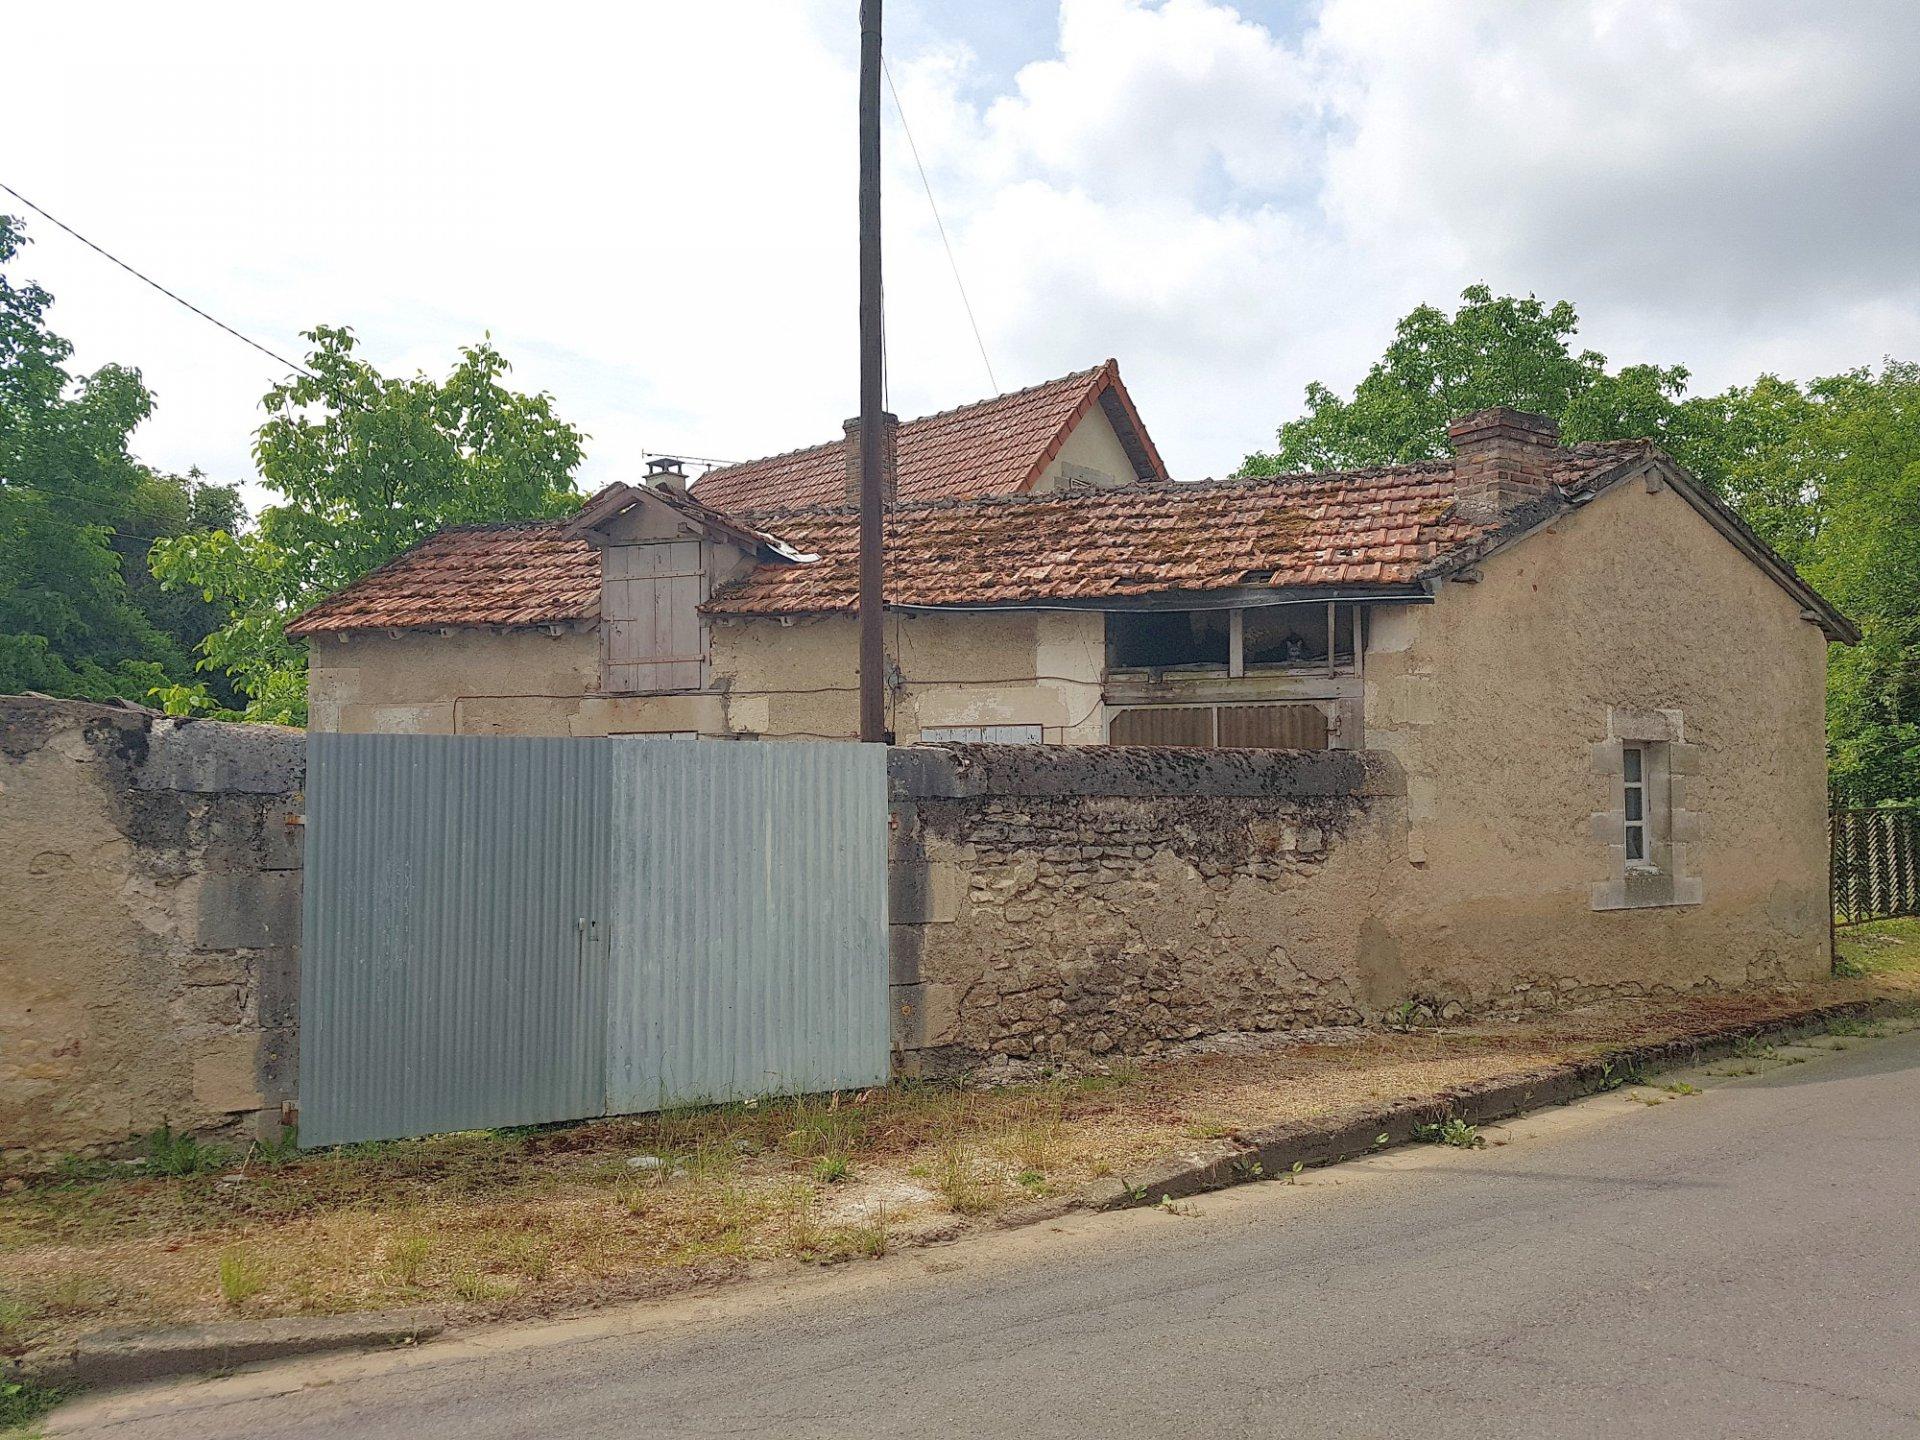 Prachtig dorpshuis met fraai overdekt terras